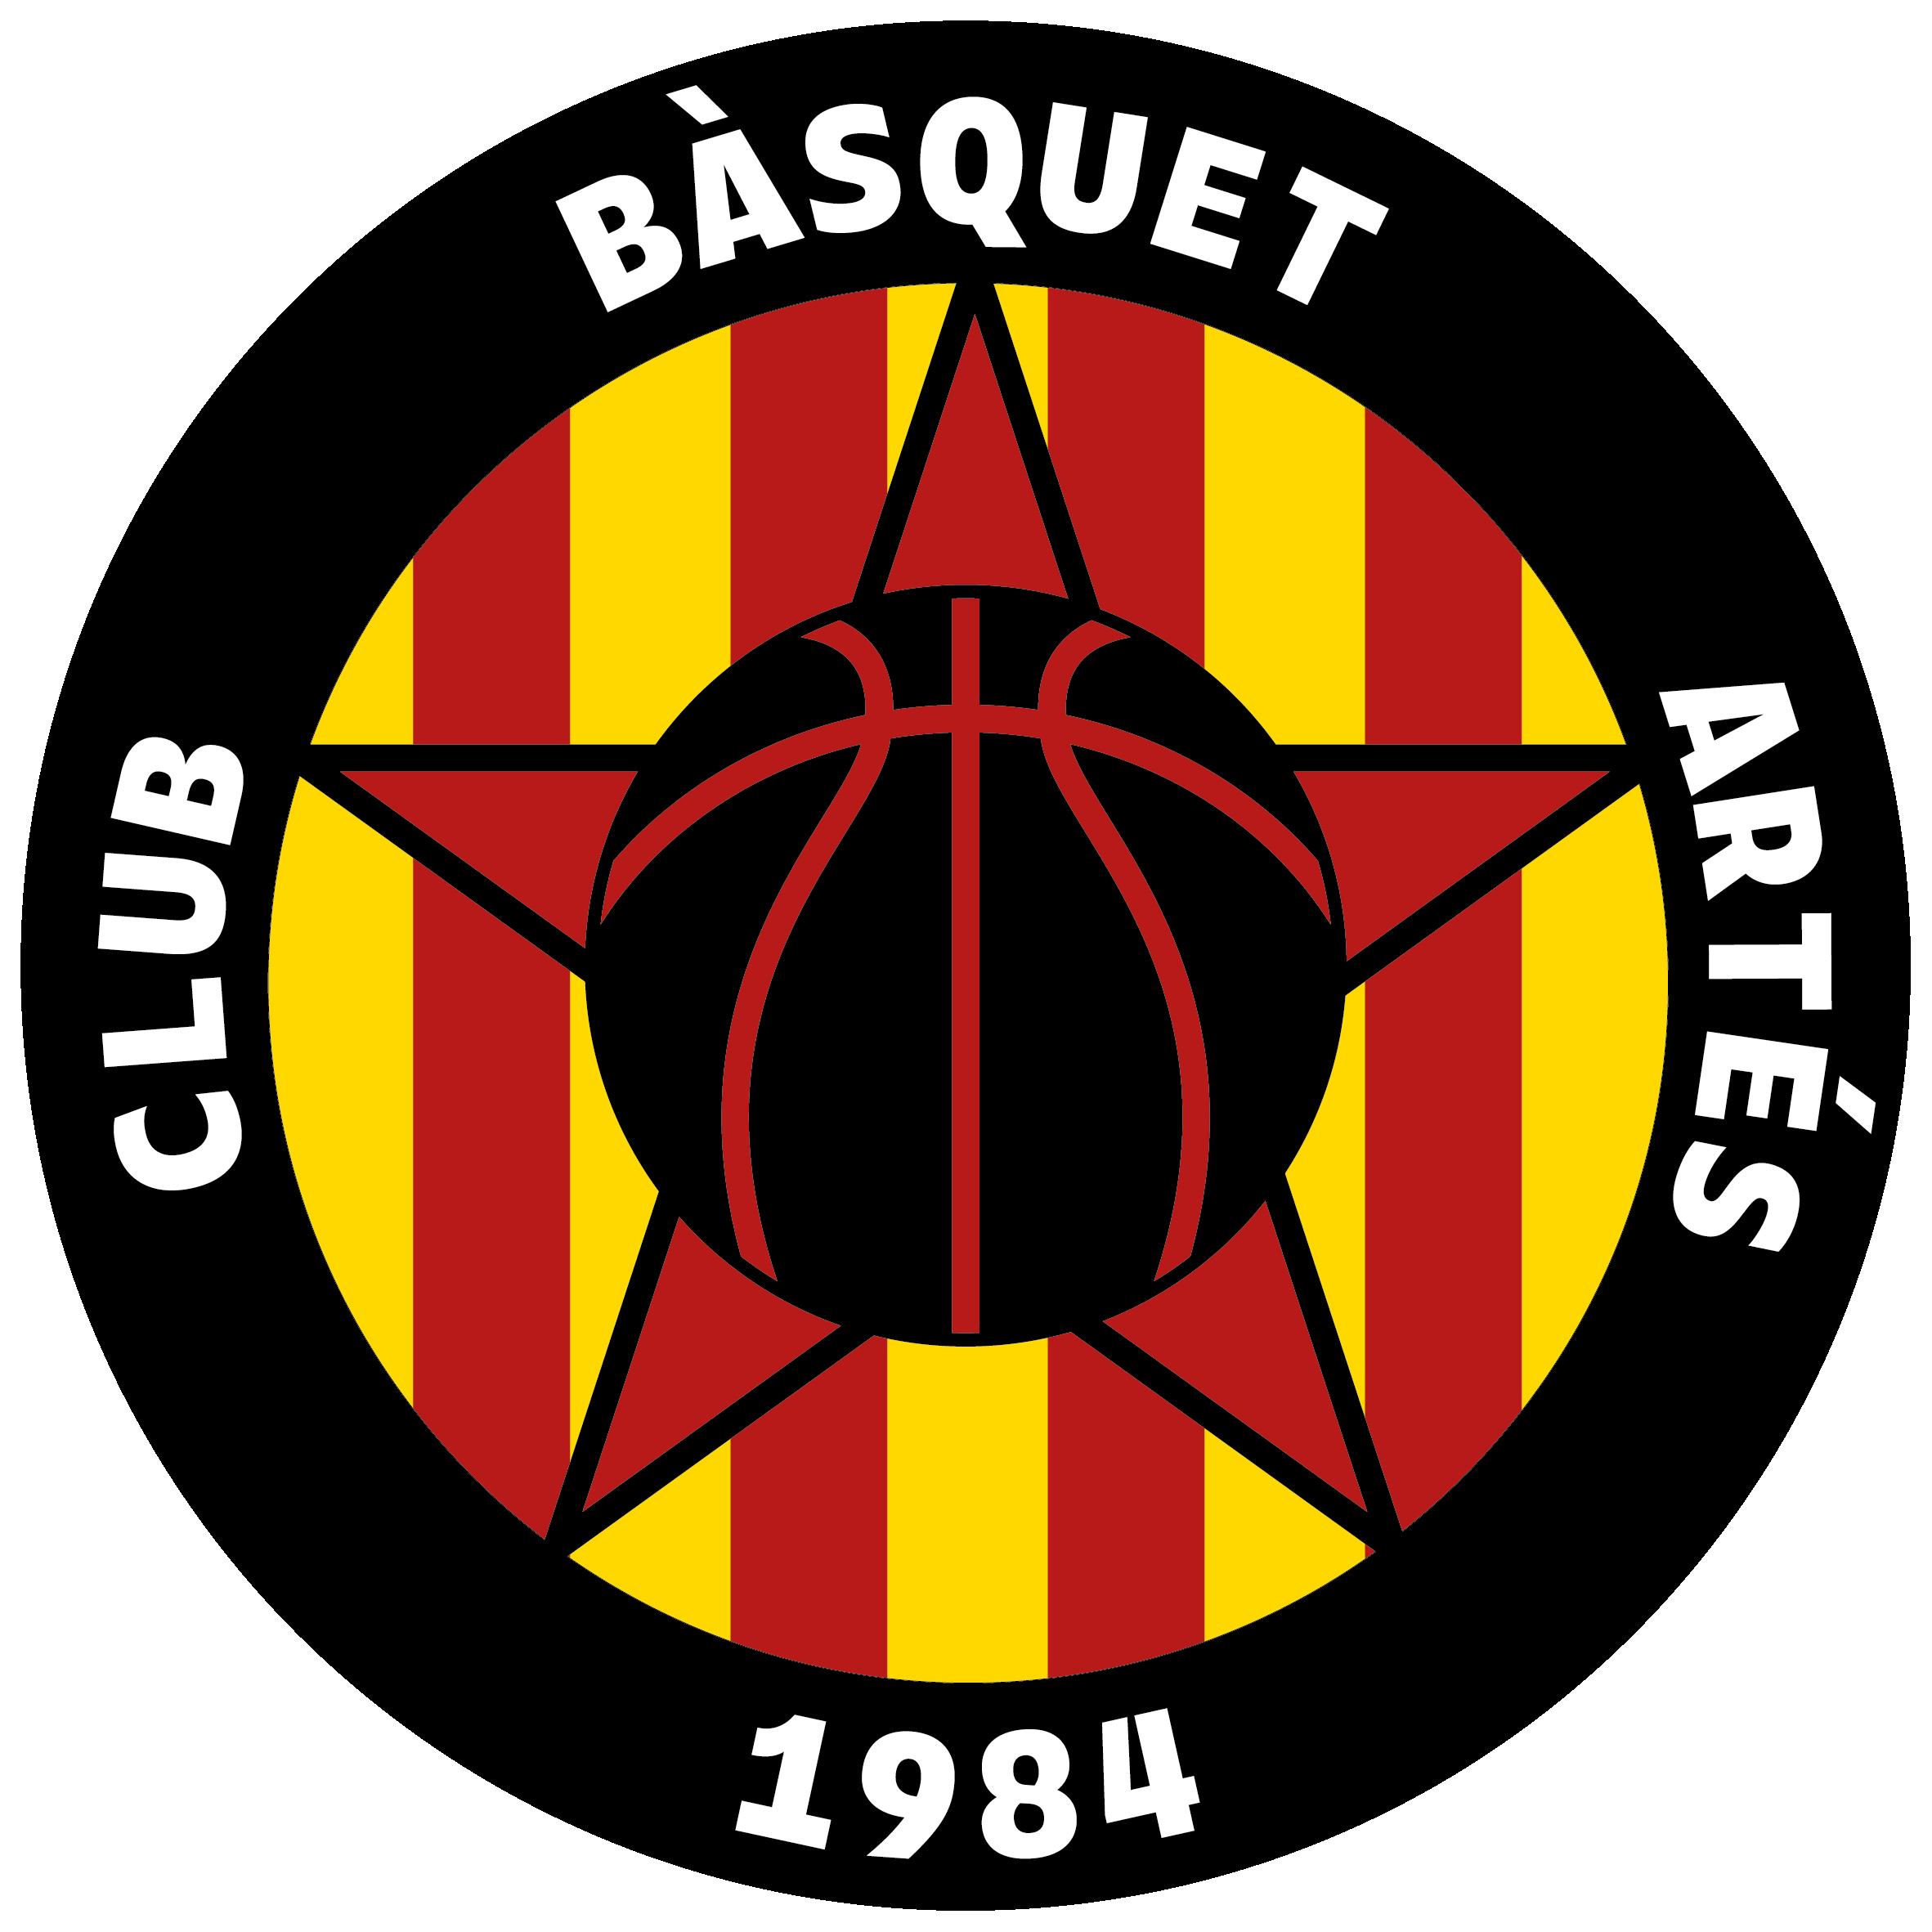 CLUB BASQUET  ARTES